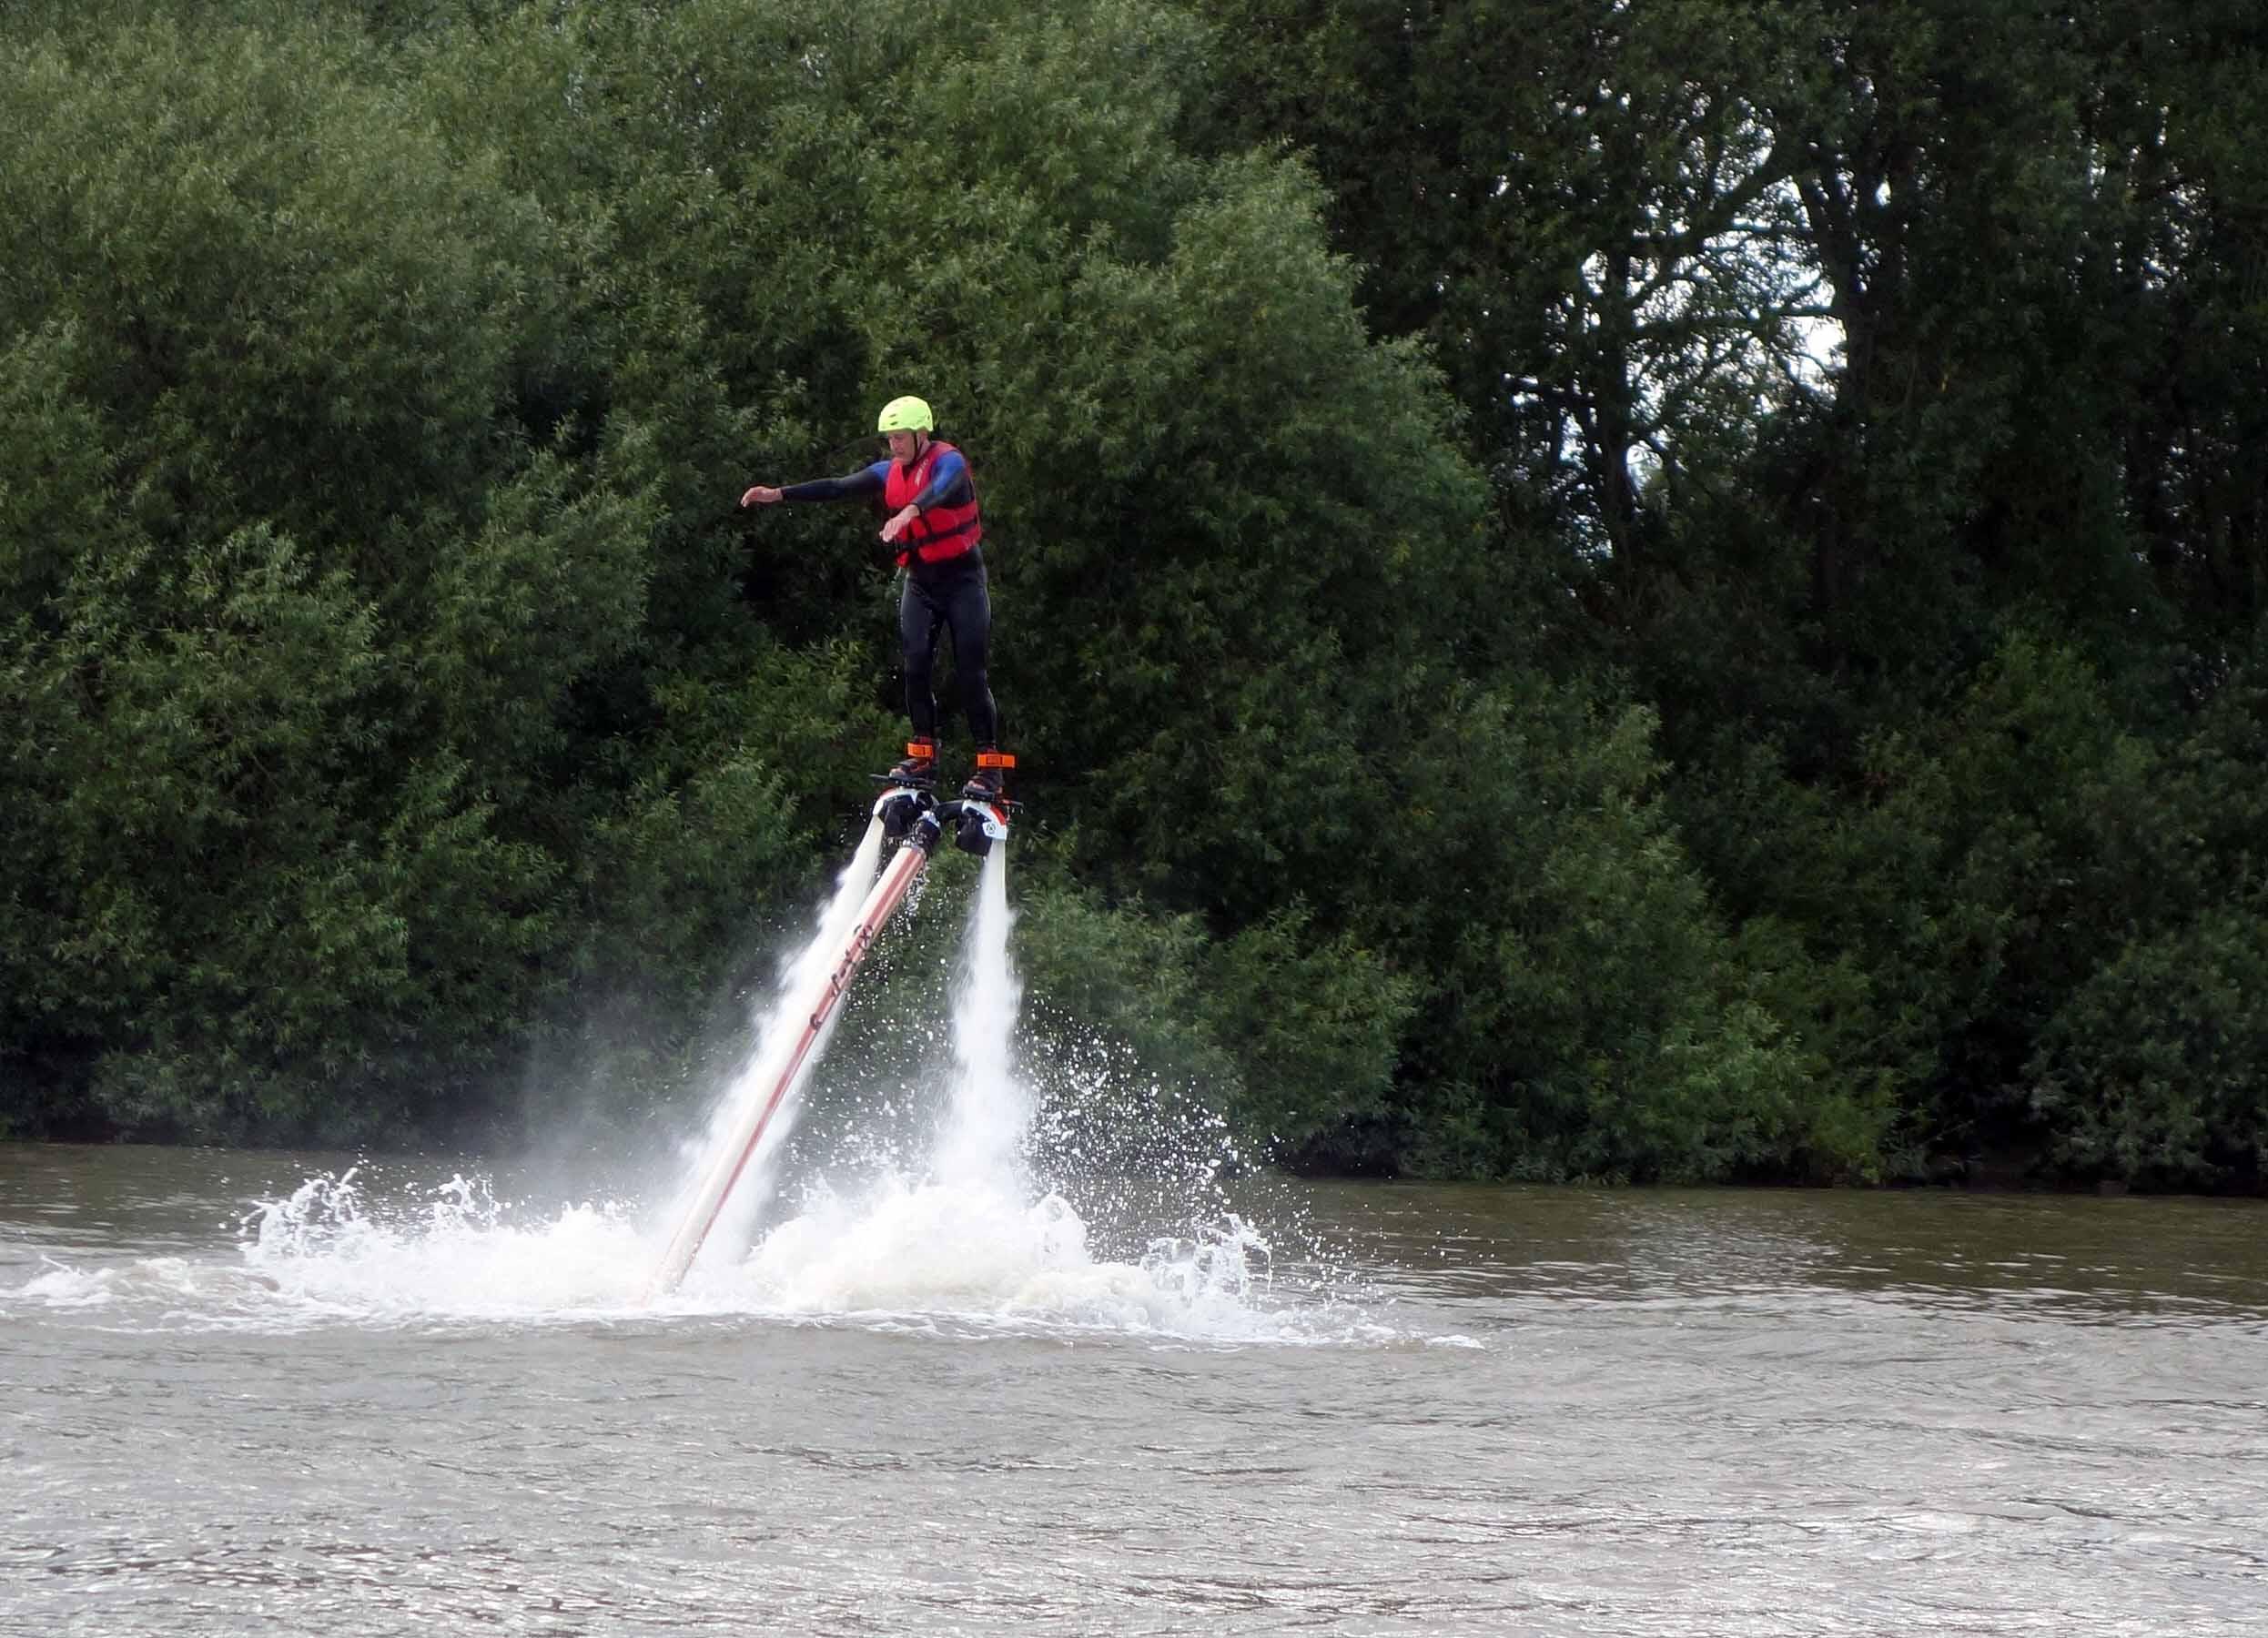 Eine Person wird mit dem Jetovator einige Meter in die Höhe geschleudert, etwa wie reiten auf zwei Wasserfontänen